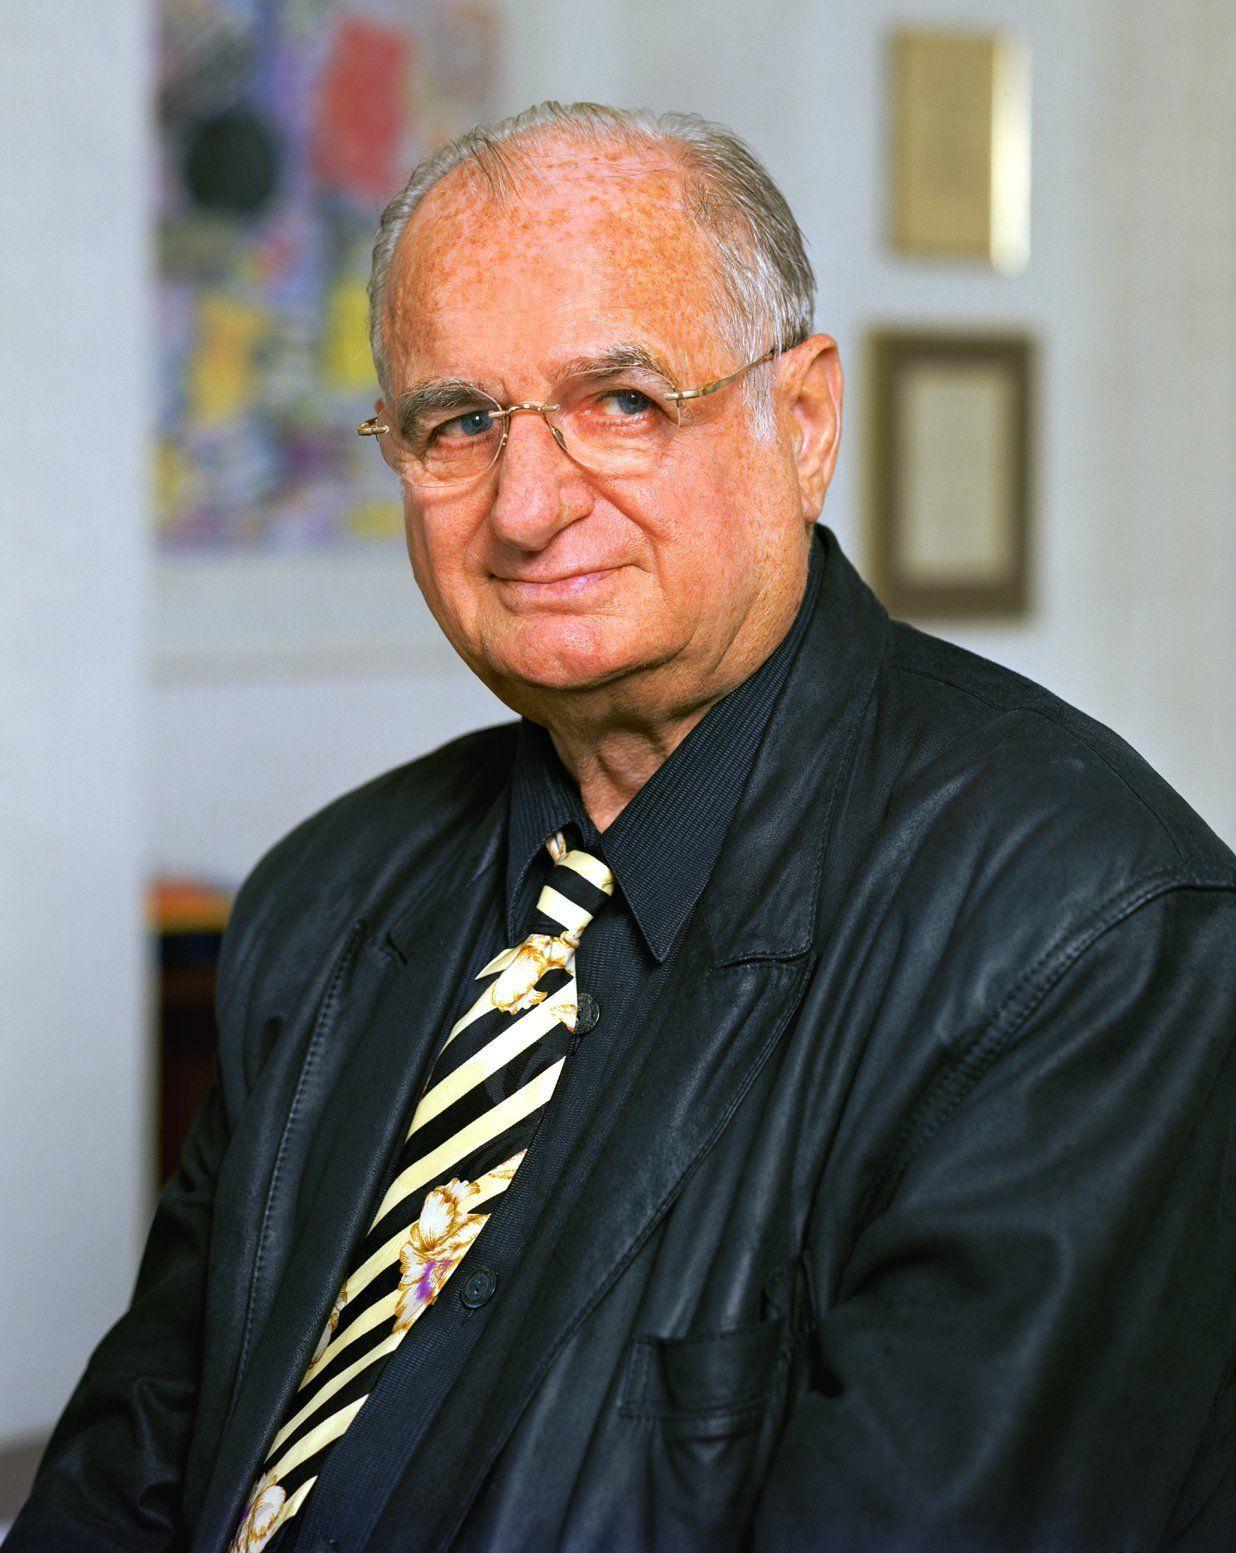 Wirtschaftspioniere / Hans Riegel